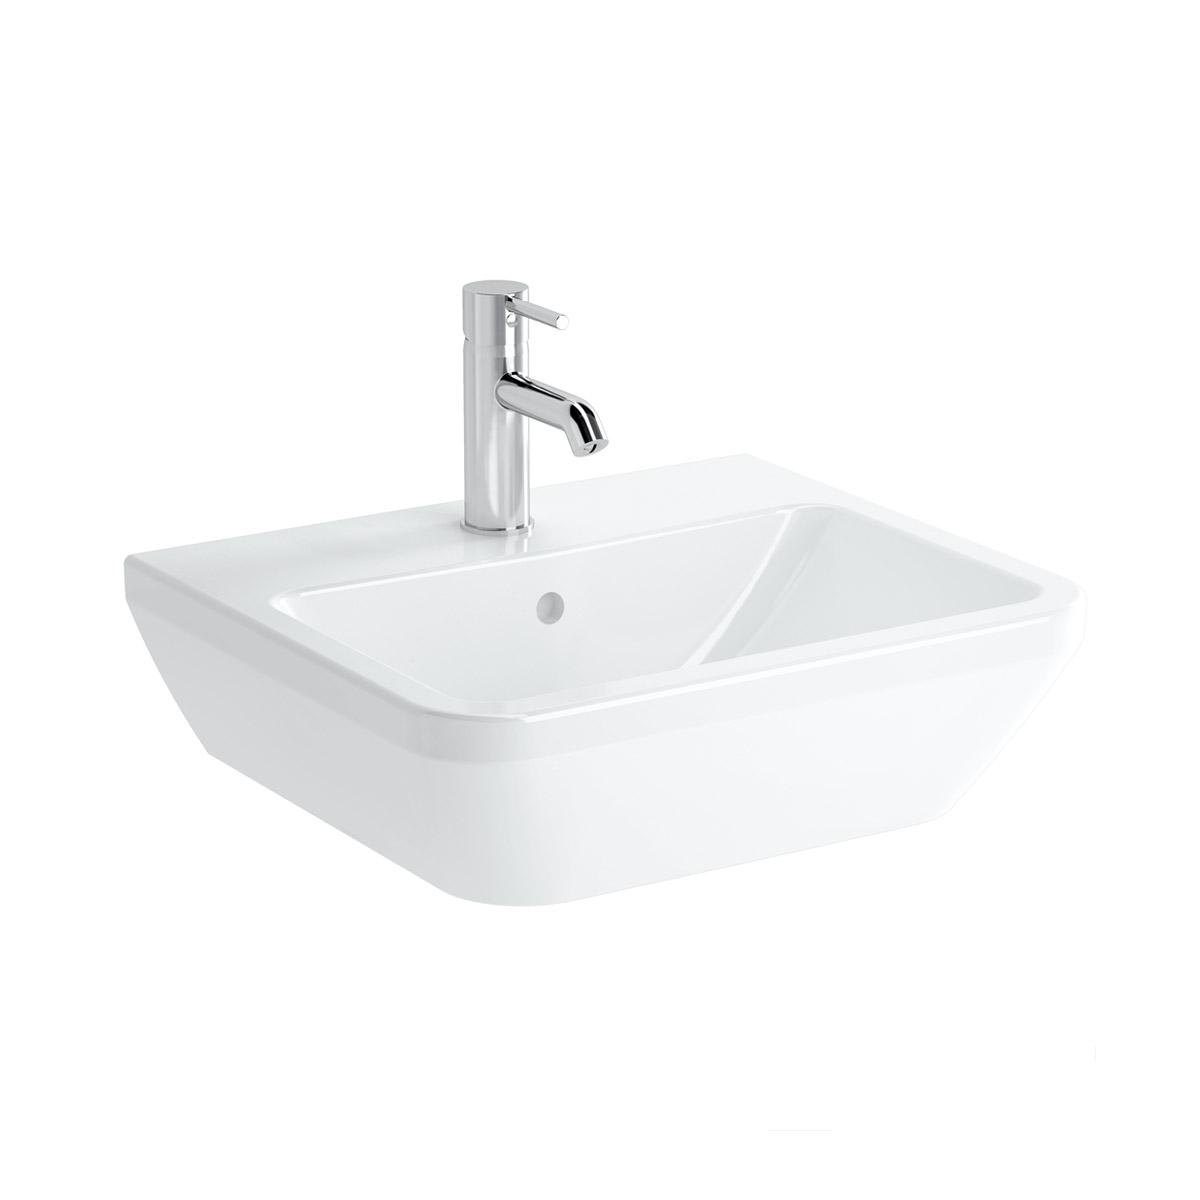 Integra Waschtisch, 50 cm, eckig, ohne Hahnloch, ohne Überlaufloch, Weiß, VitrA Clean